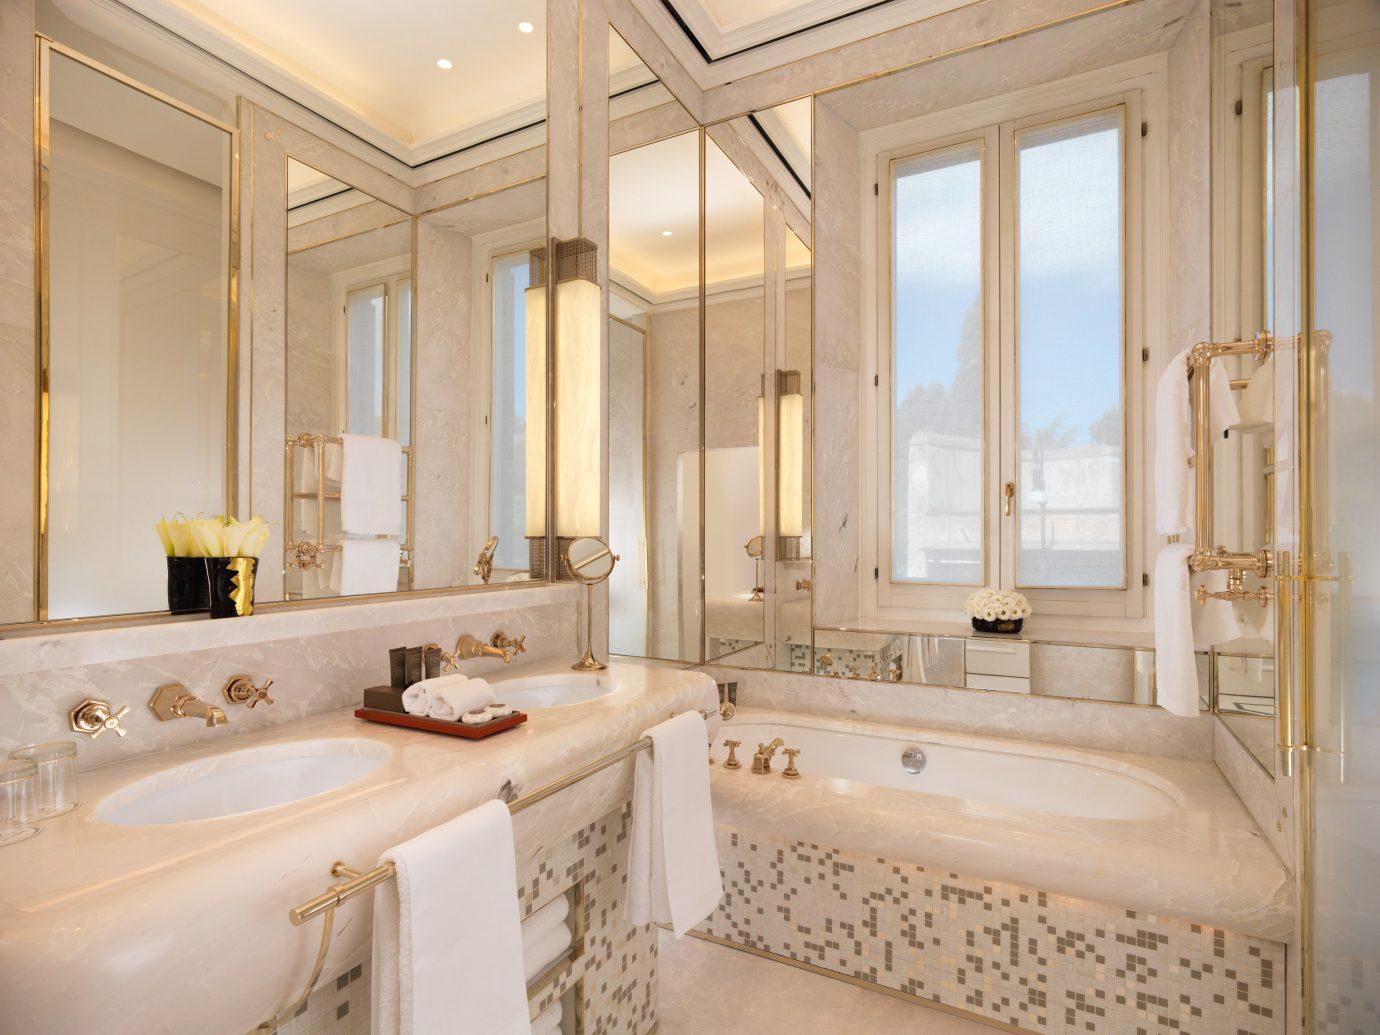 Boutique Hotels Hotels indoor bathroom wall window room property estate sink tub home floor Suite interior design bathtub real estate ceiling mansion cottage toilet Bath tan tile tiled